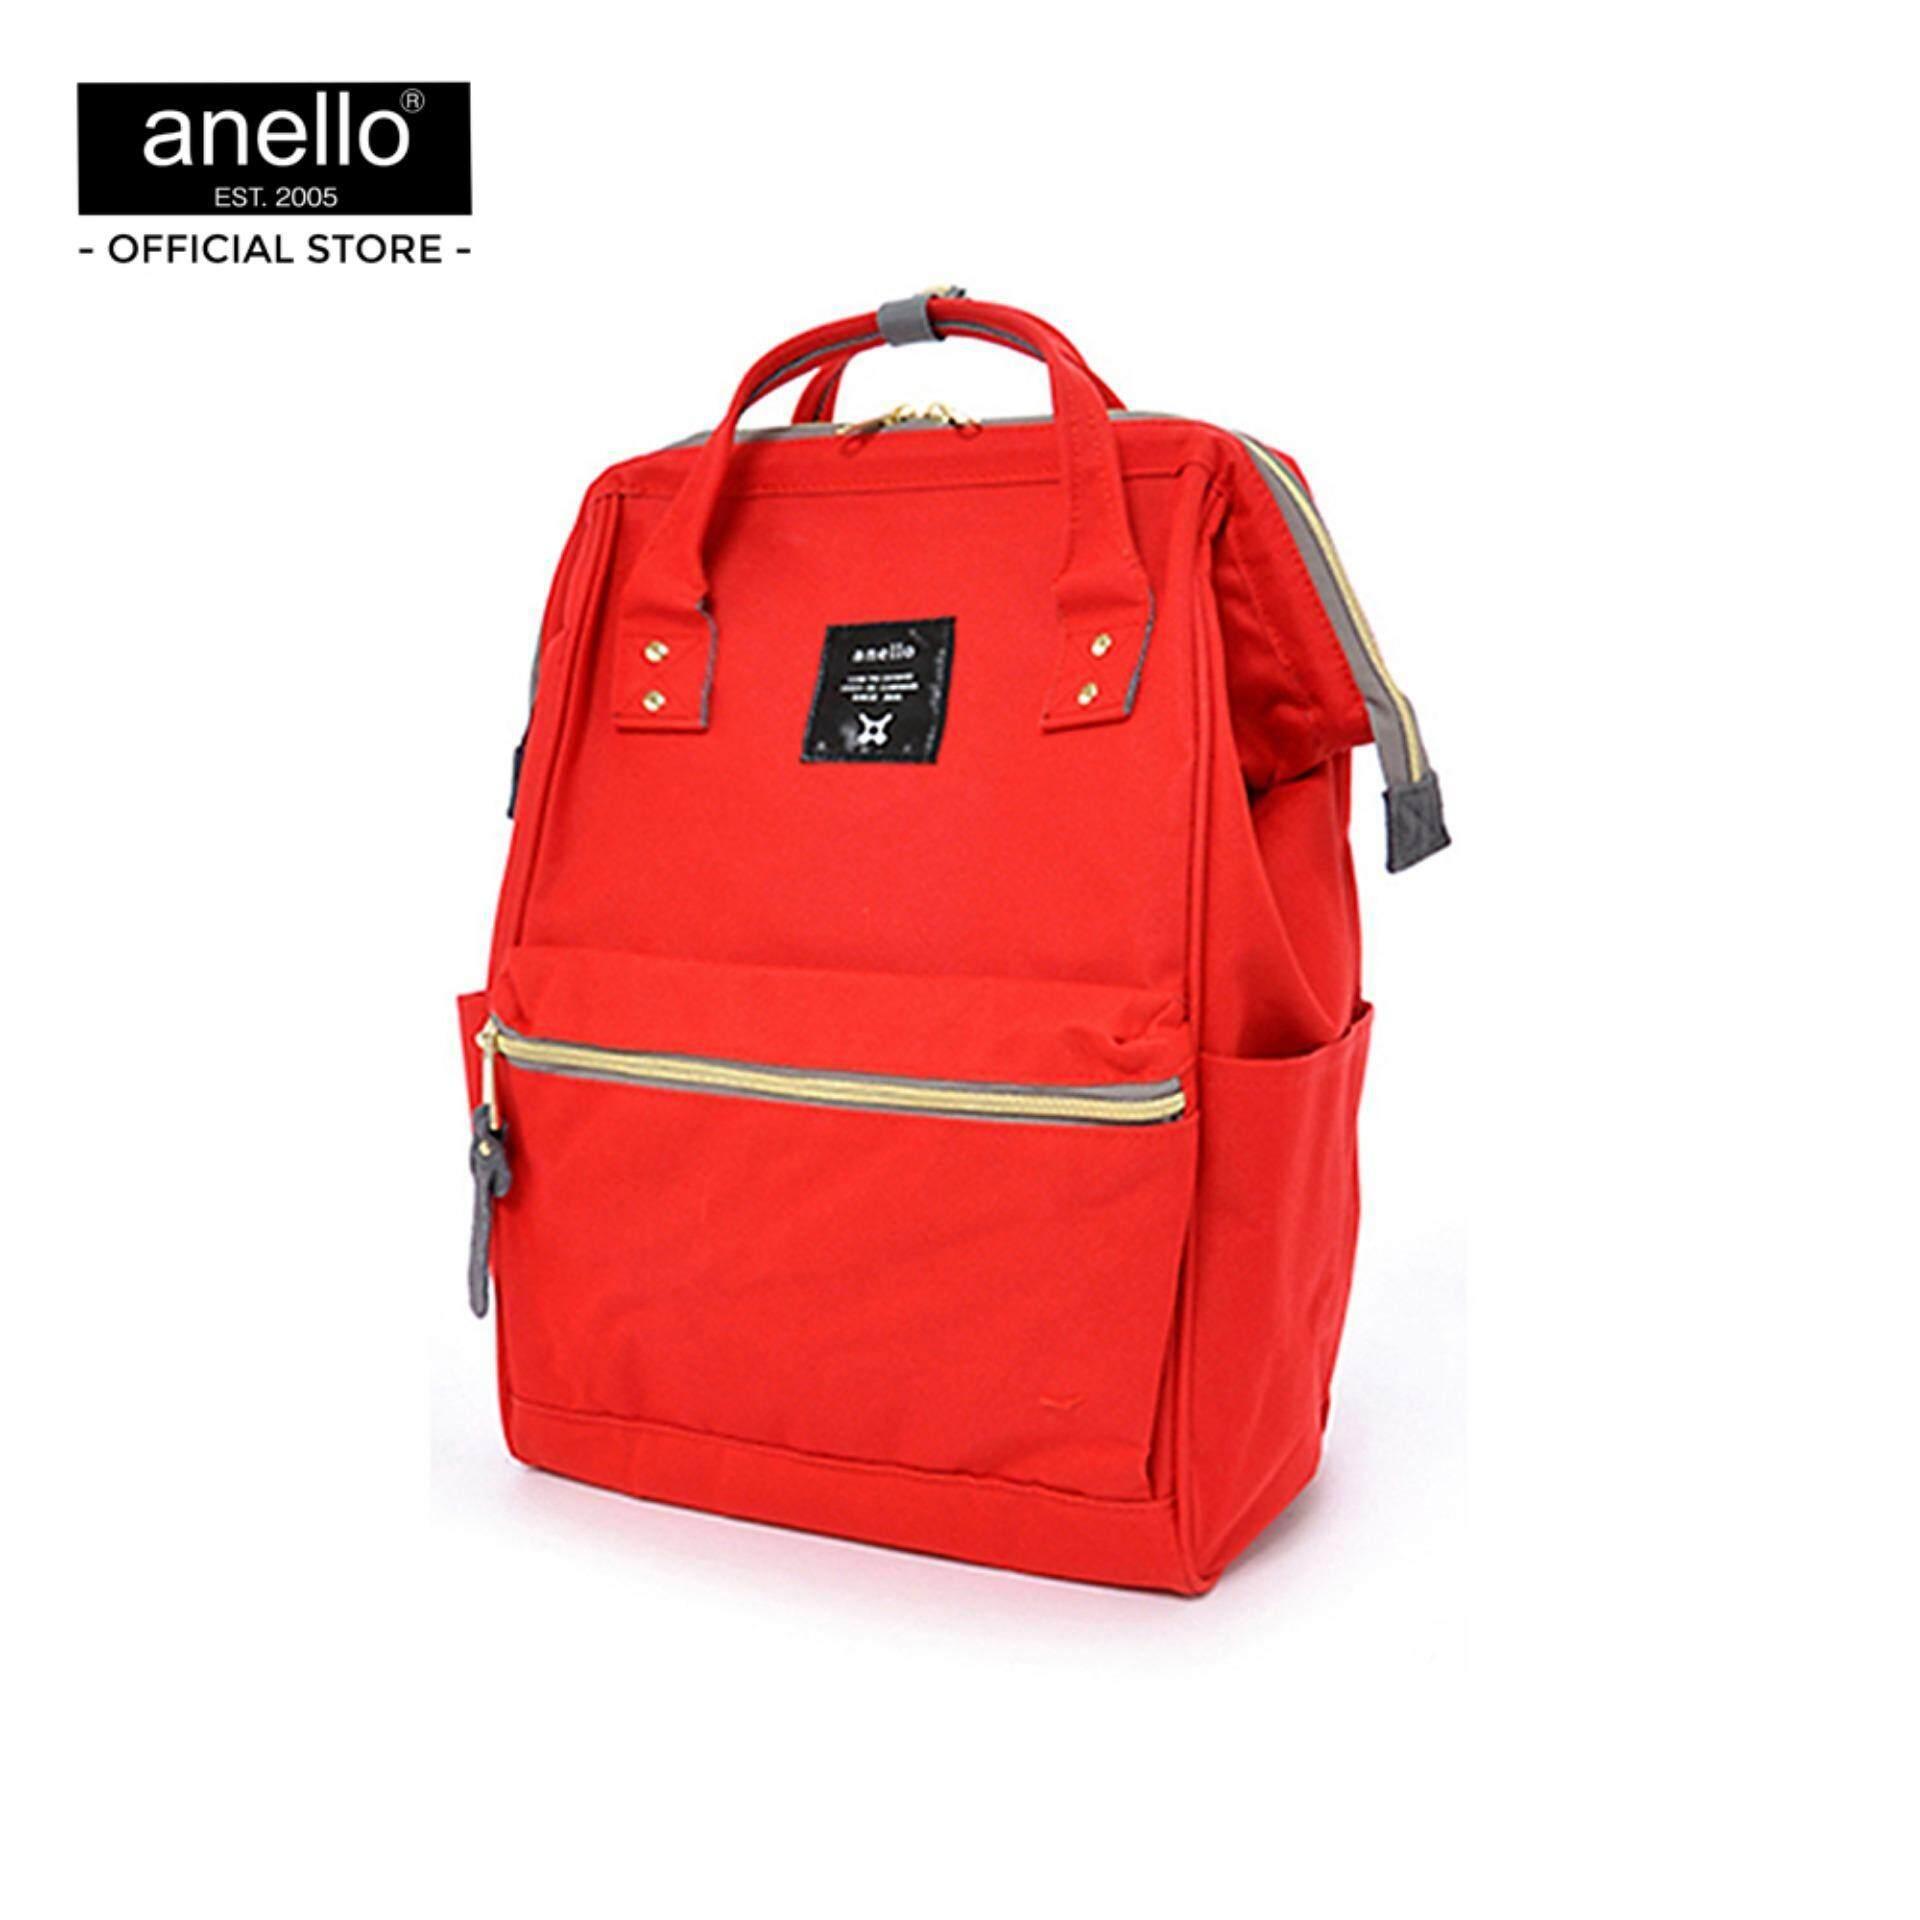 ยี่ห้อไหนดี  พิจิตร anello กระเป๋า Regular Backpack_AT-B0193A